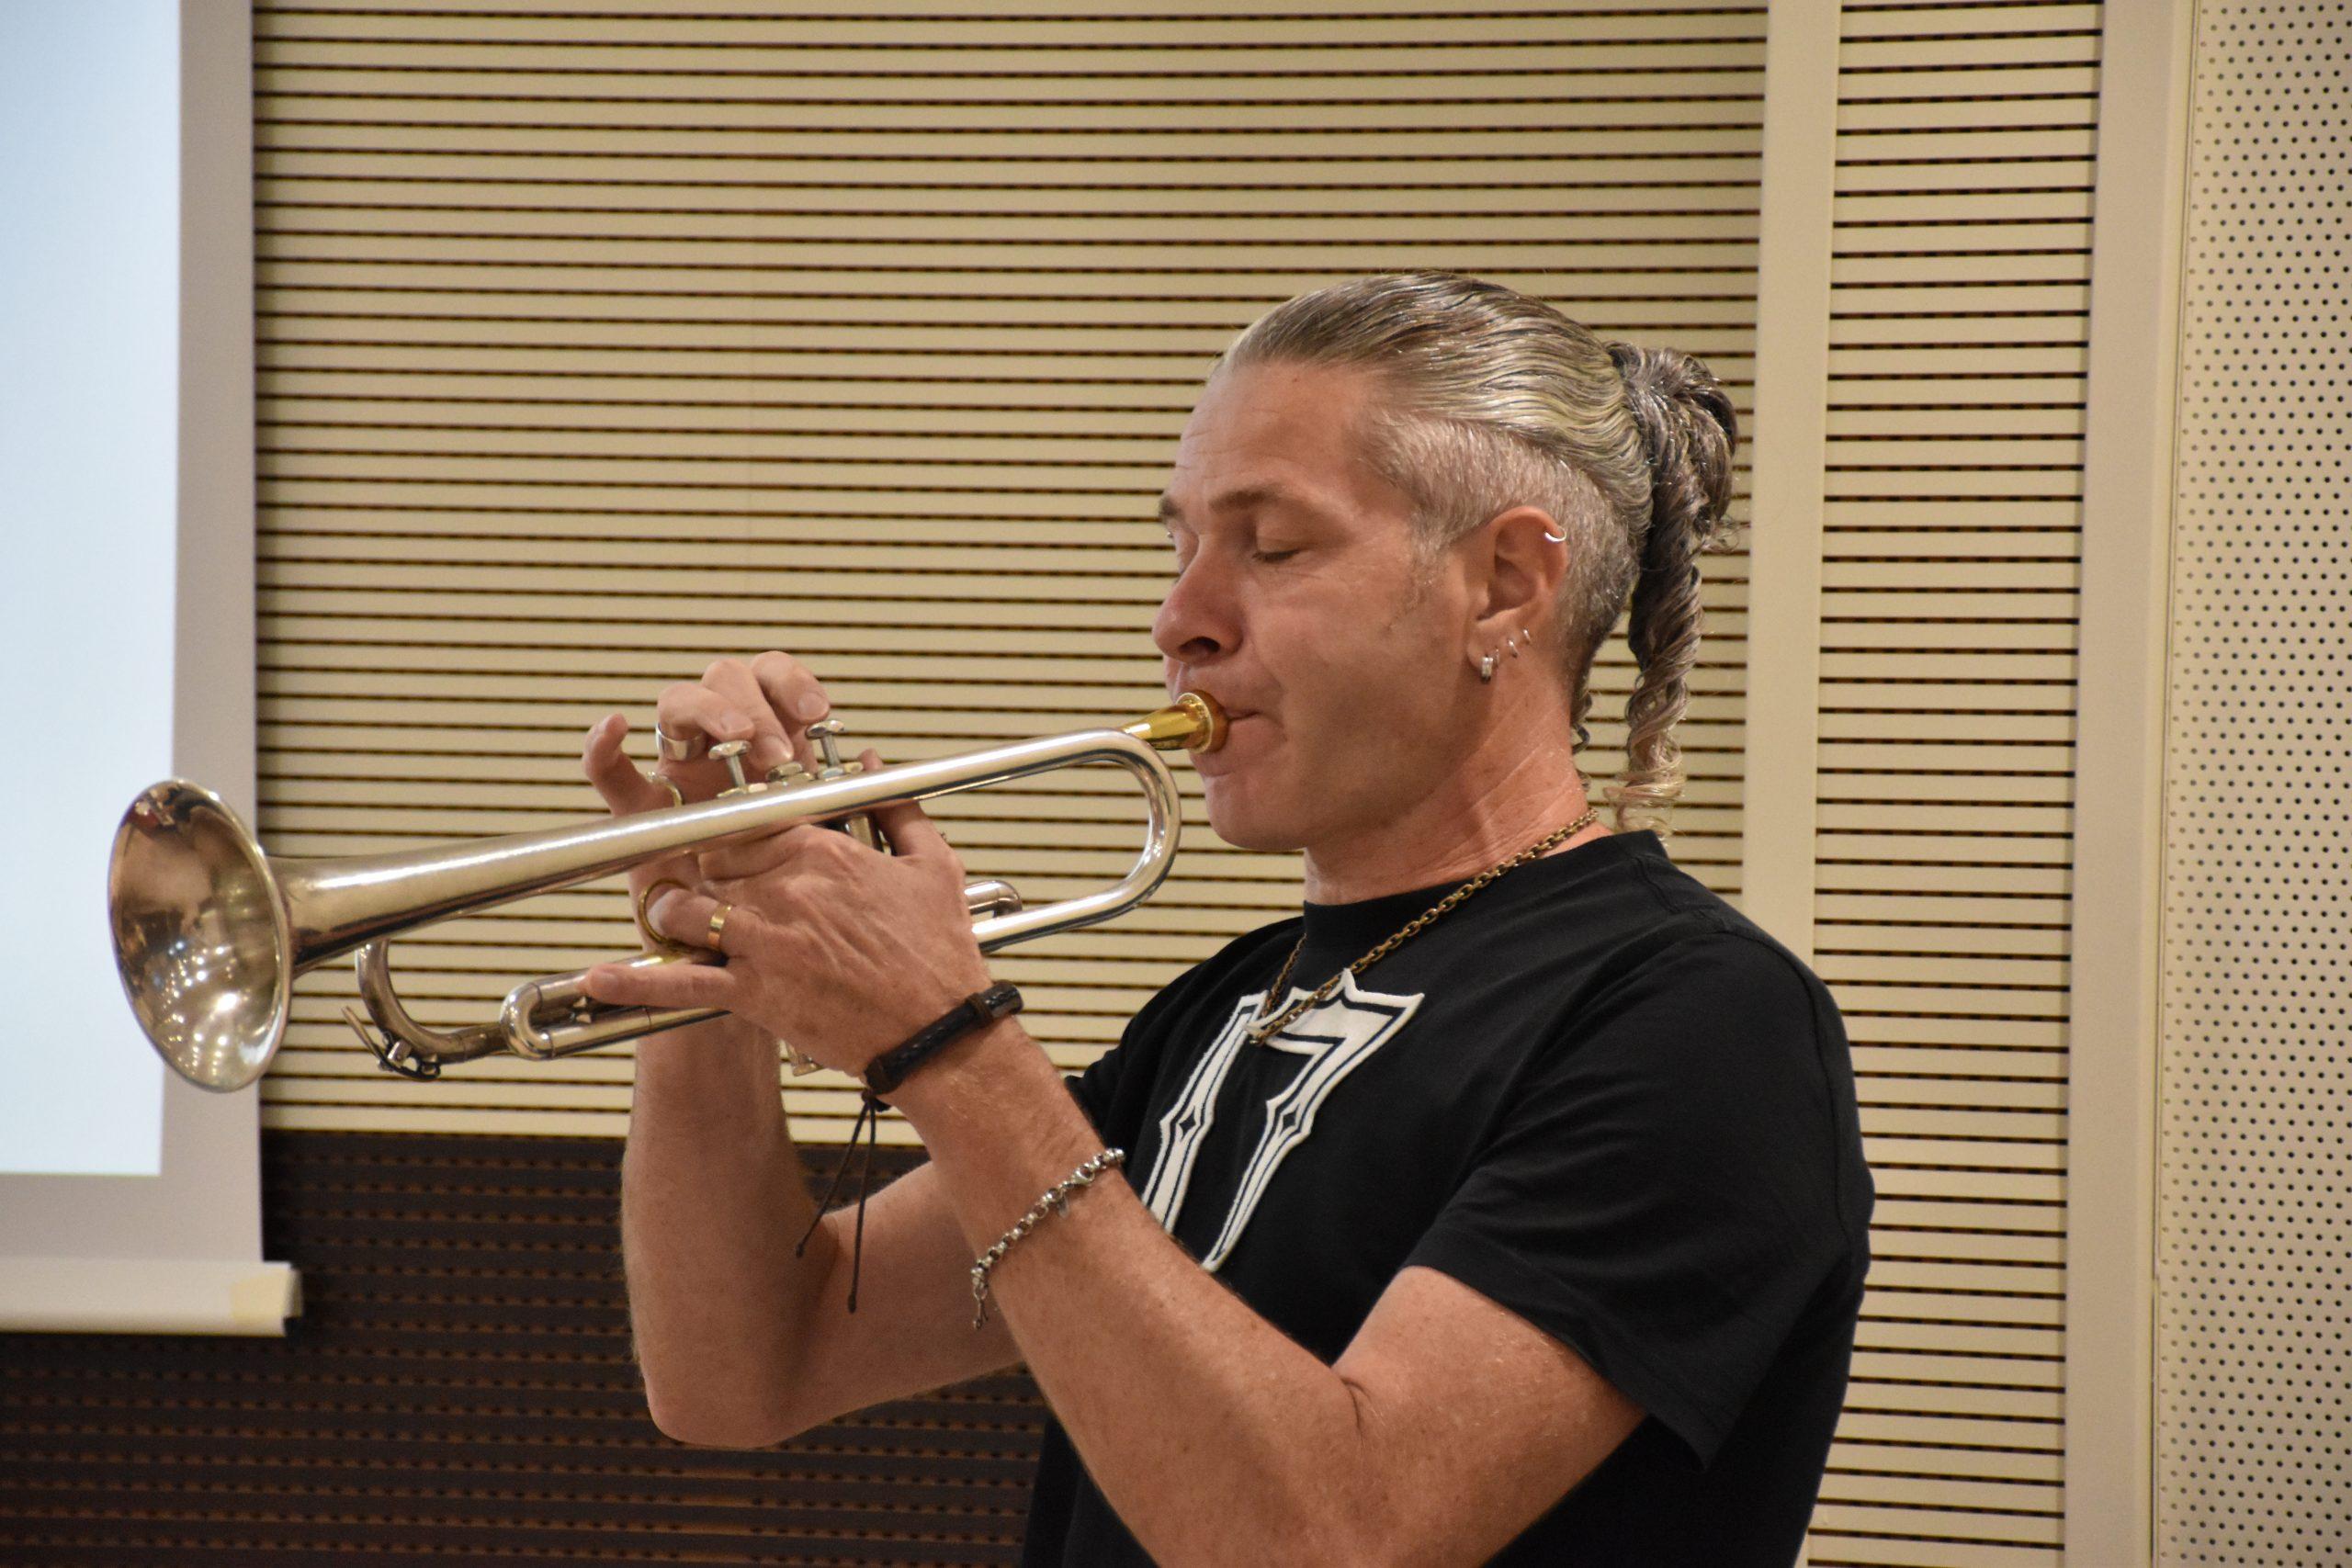 Il musicista Fabio Buonarota alla premiazione dell'edizione 2021 del concorso letterario Gim, fra sogno e realtà del Fondo Edo Tempia di Biella.